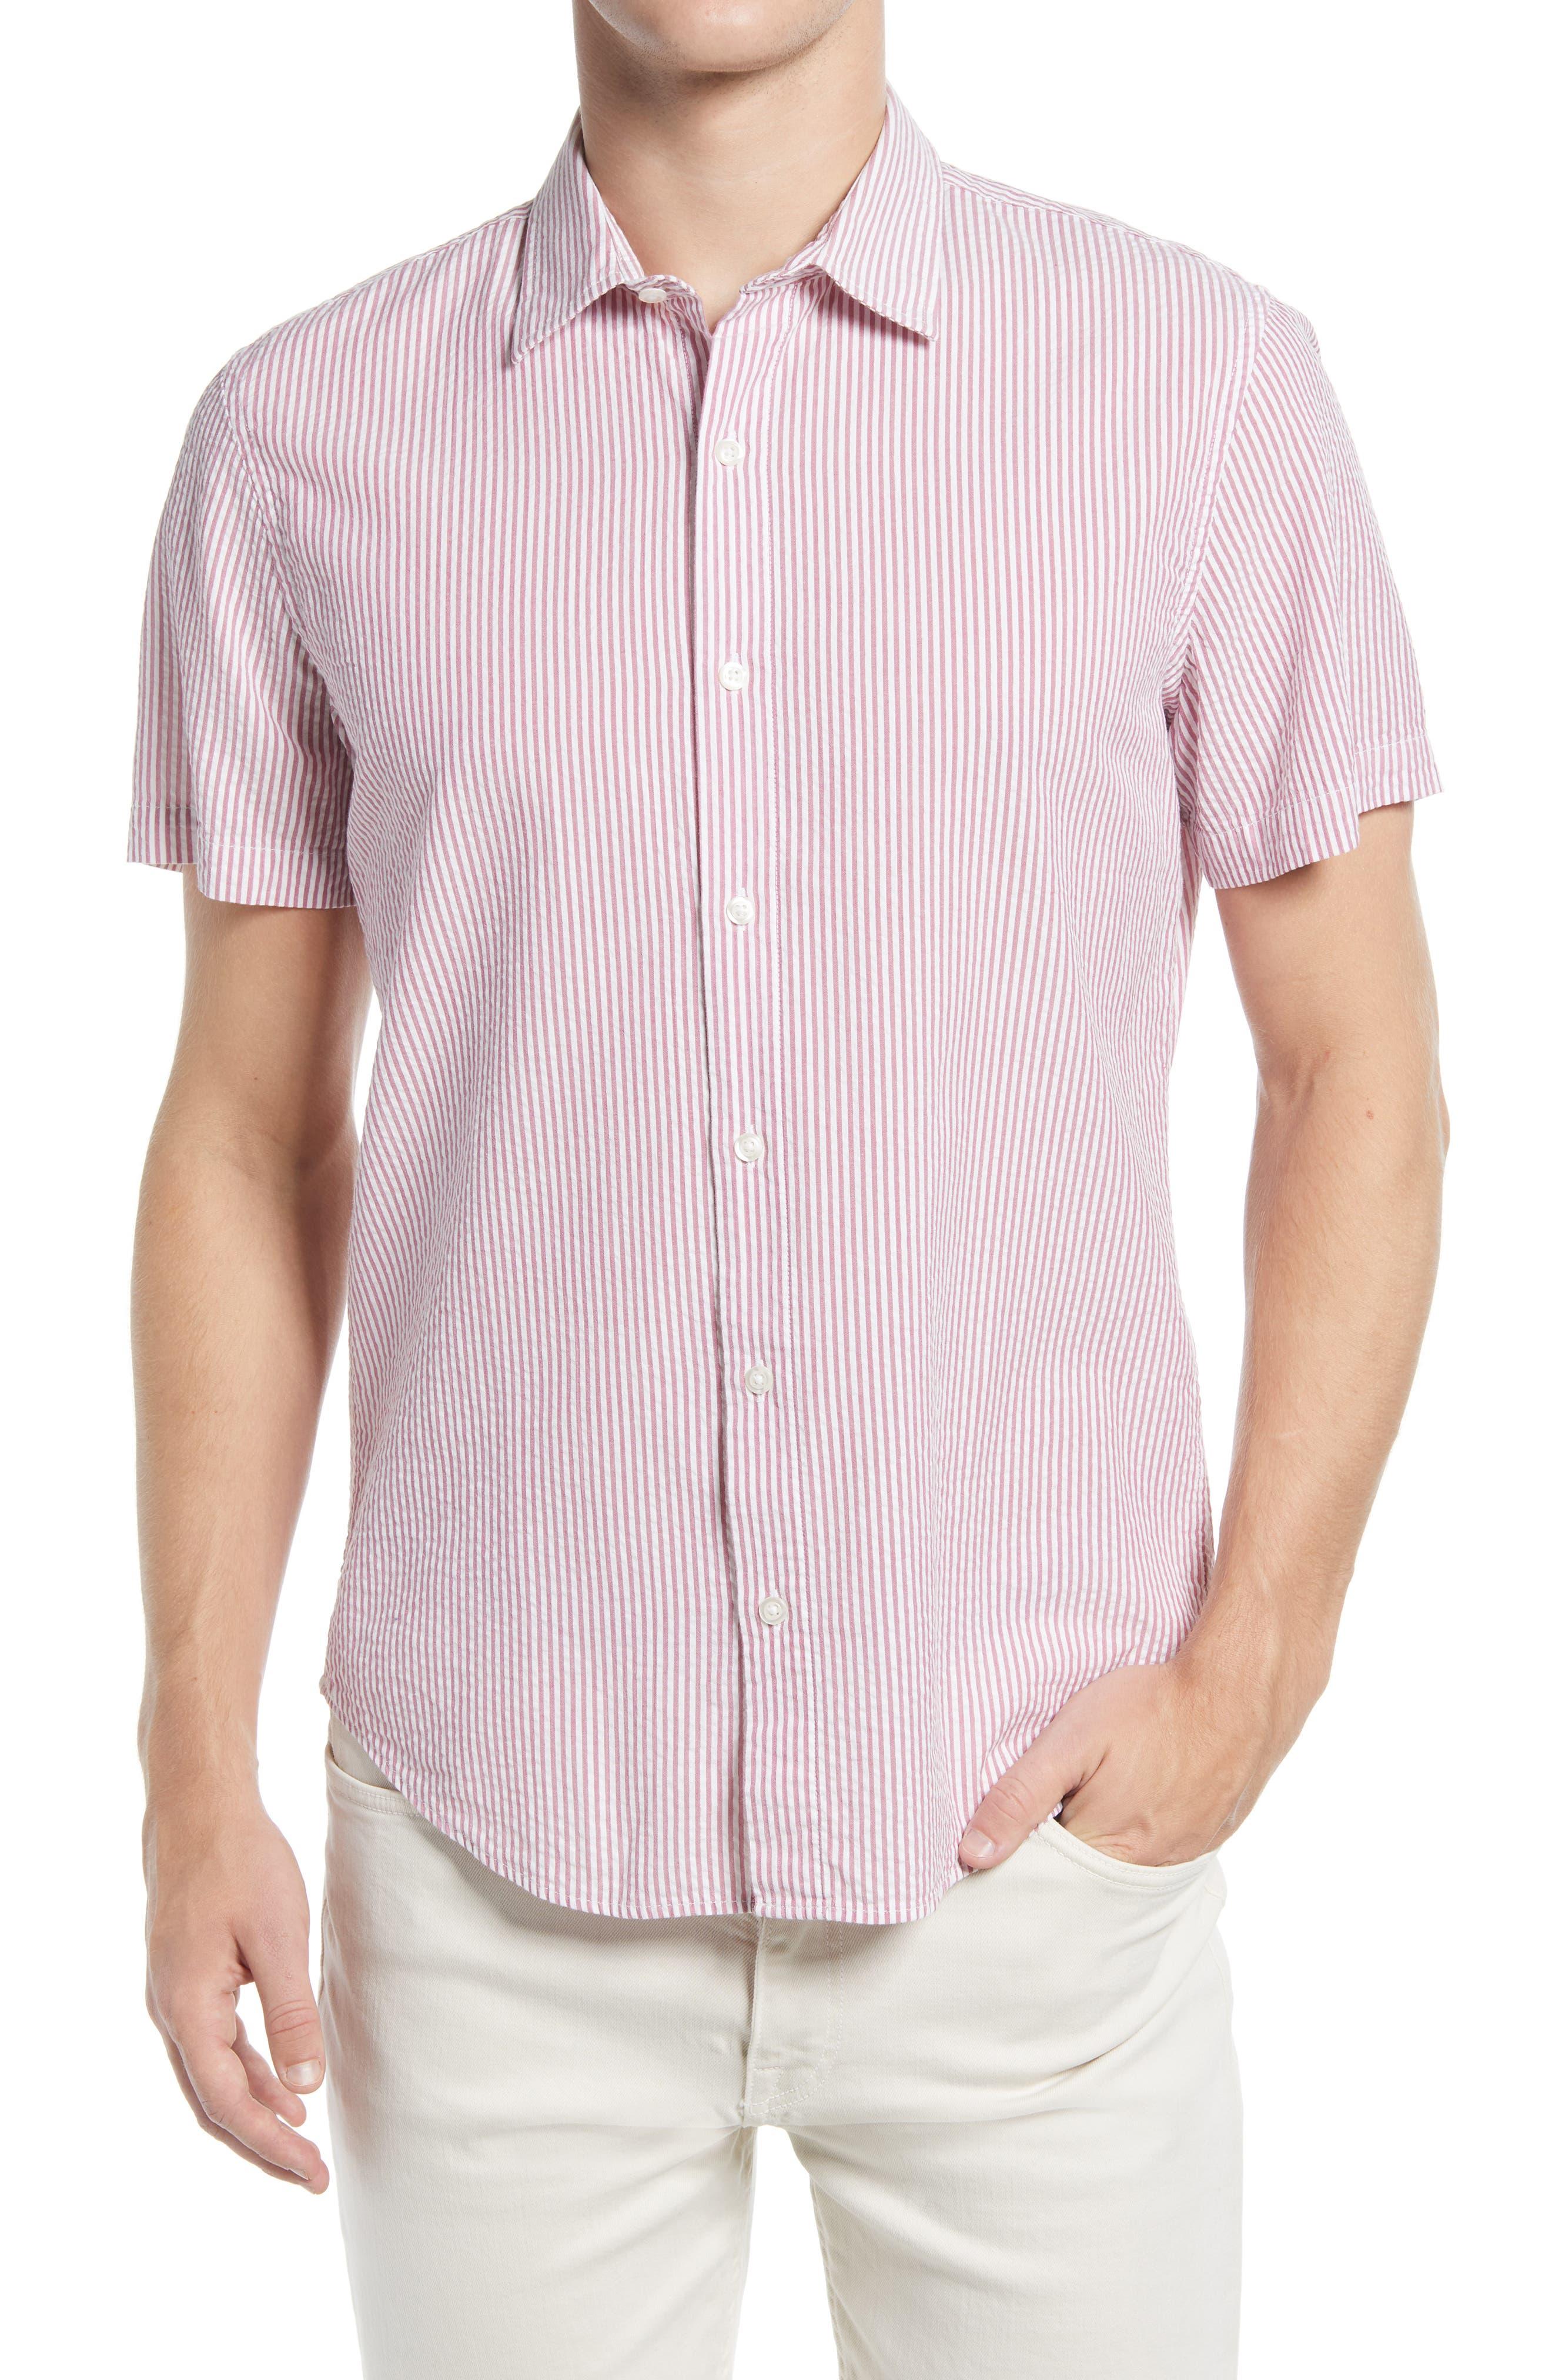 Riviera Slim Fit Stripe Short Sleeve Seersucker Button-Up Shirt